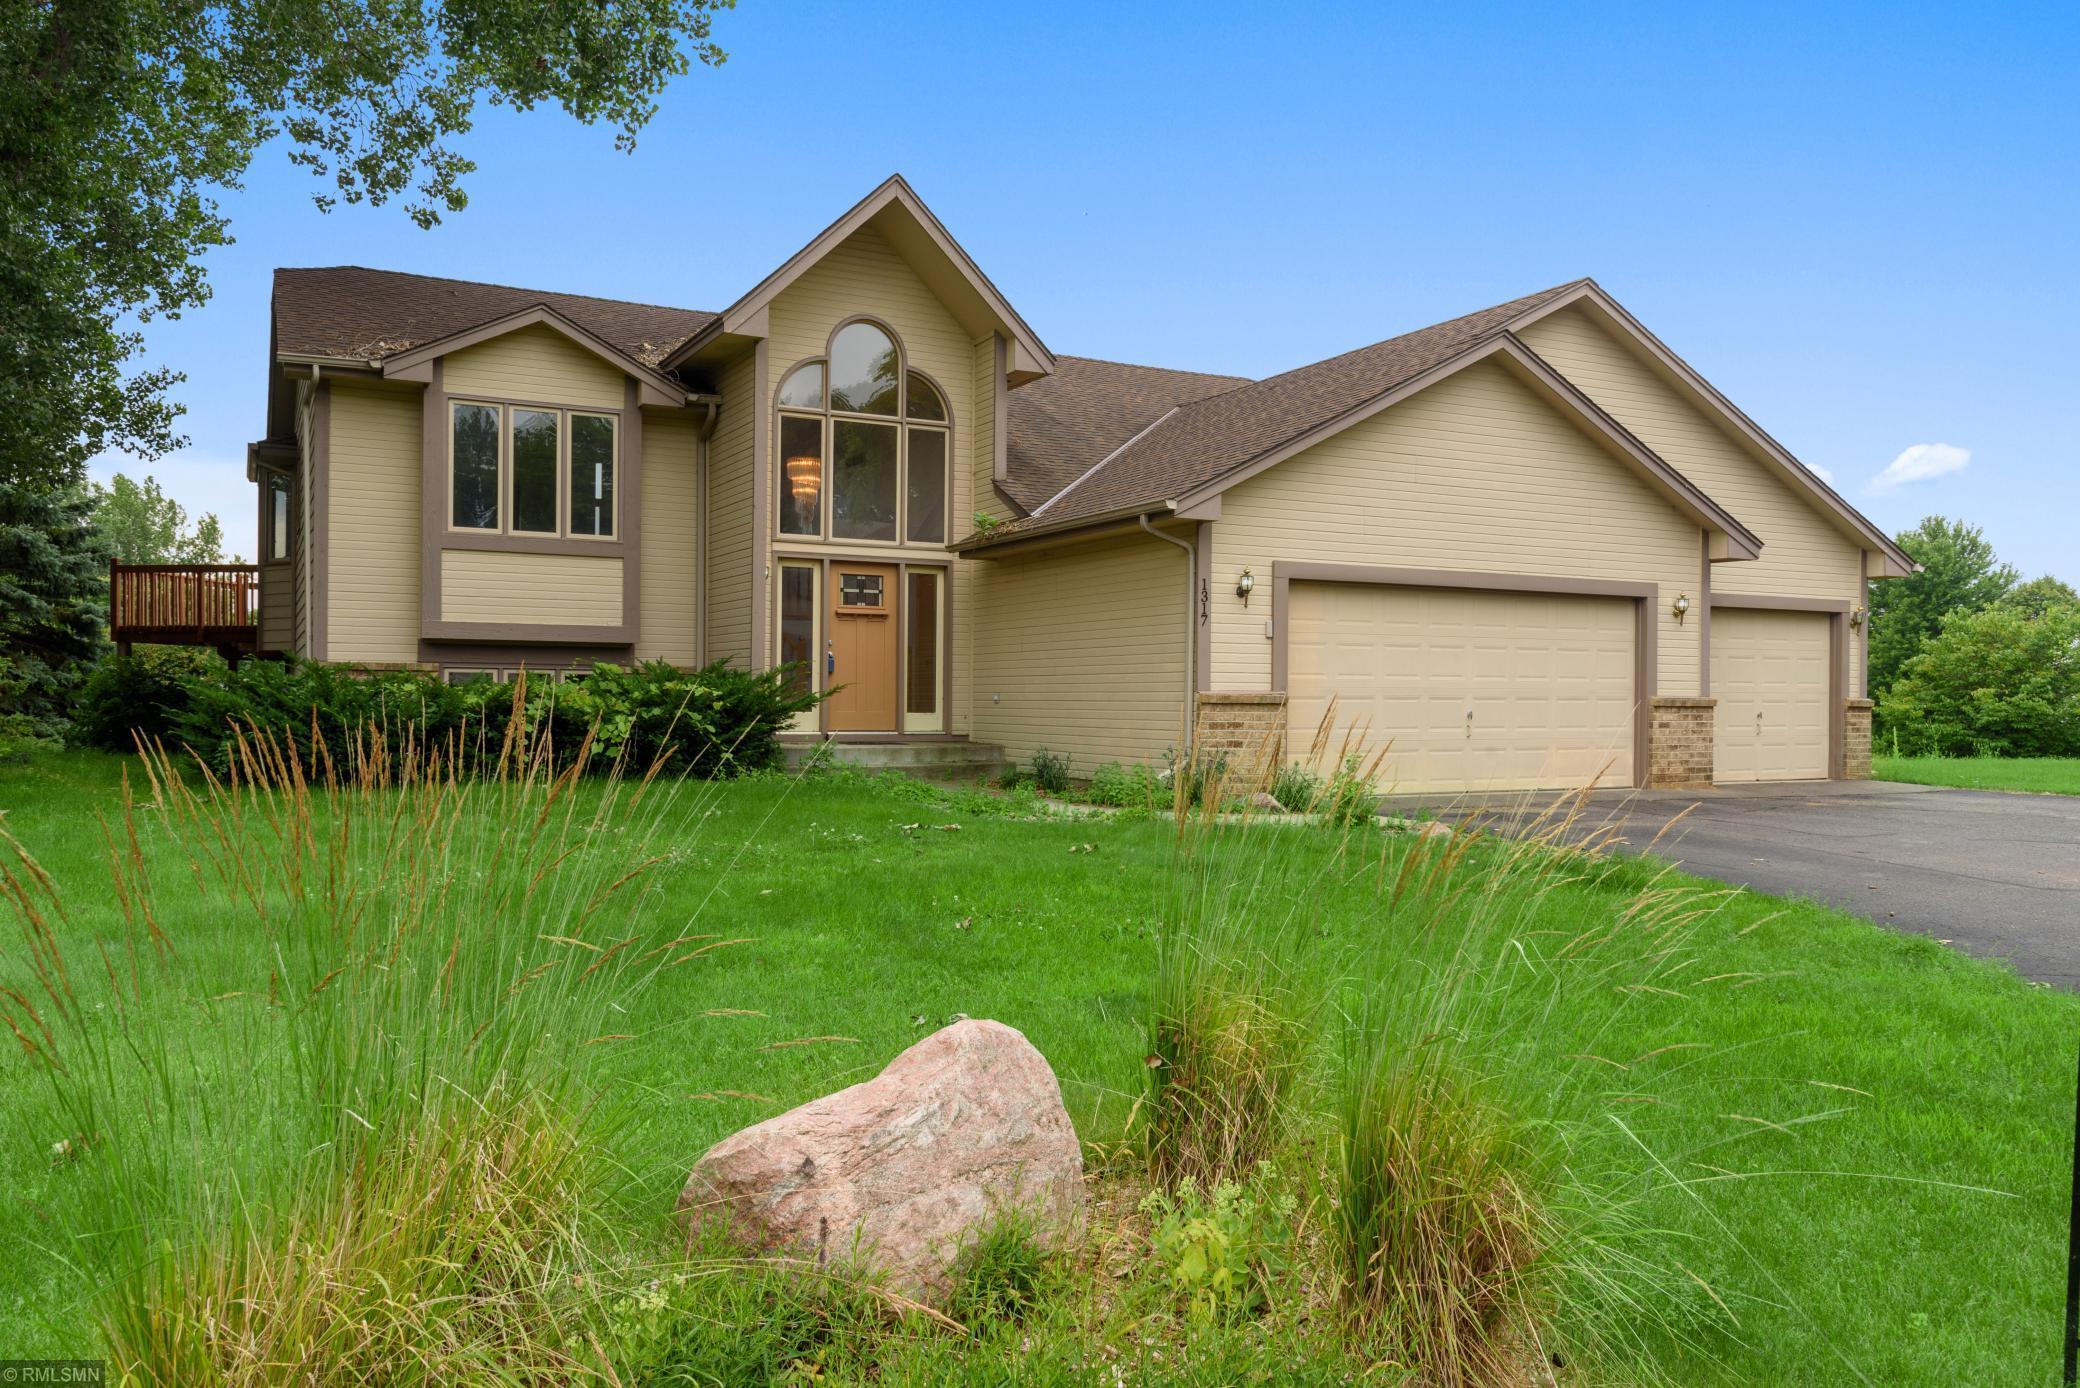 1317 Fremont Property Photo - Burnsville, MN real estate listing